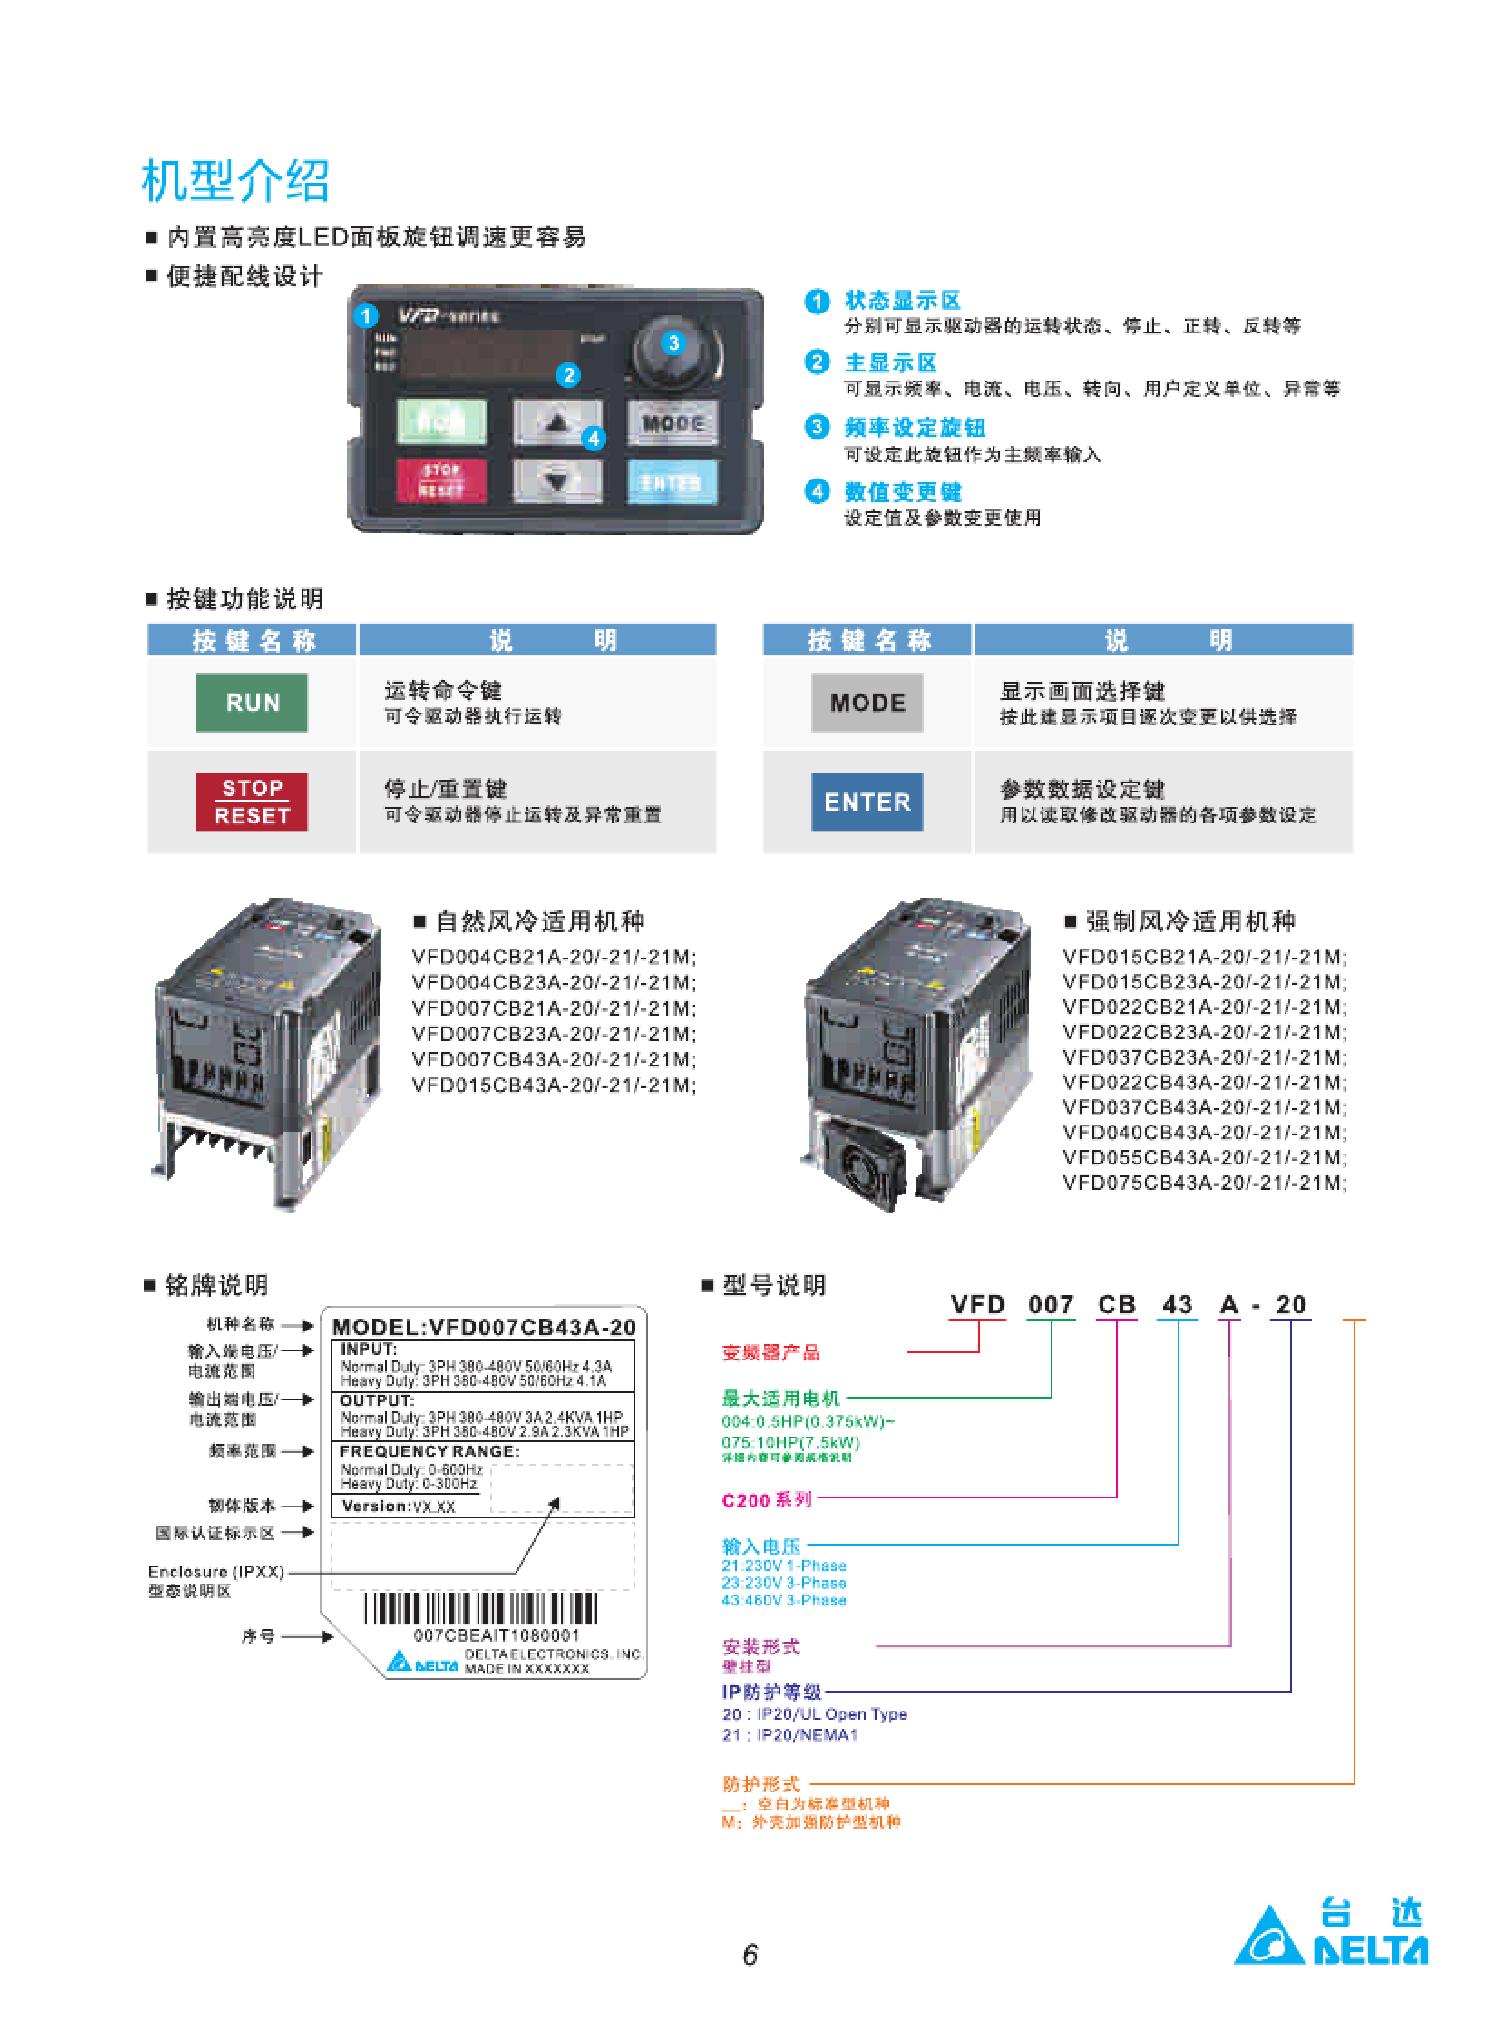 台达变频器c200系列 小型控制矢量型 vfd007cb43a-20